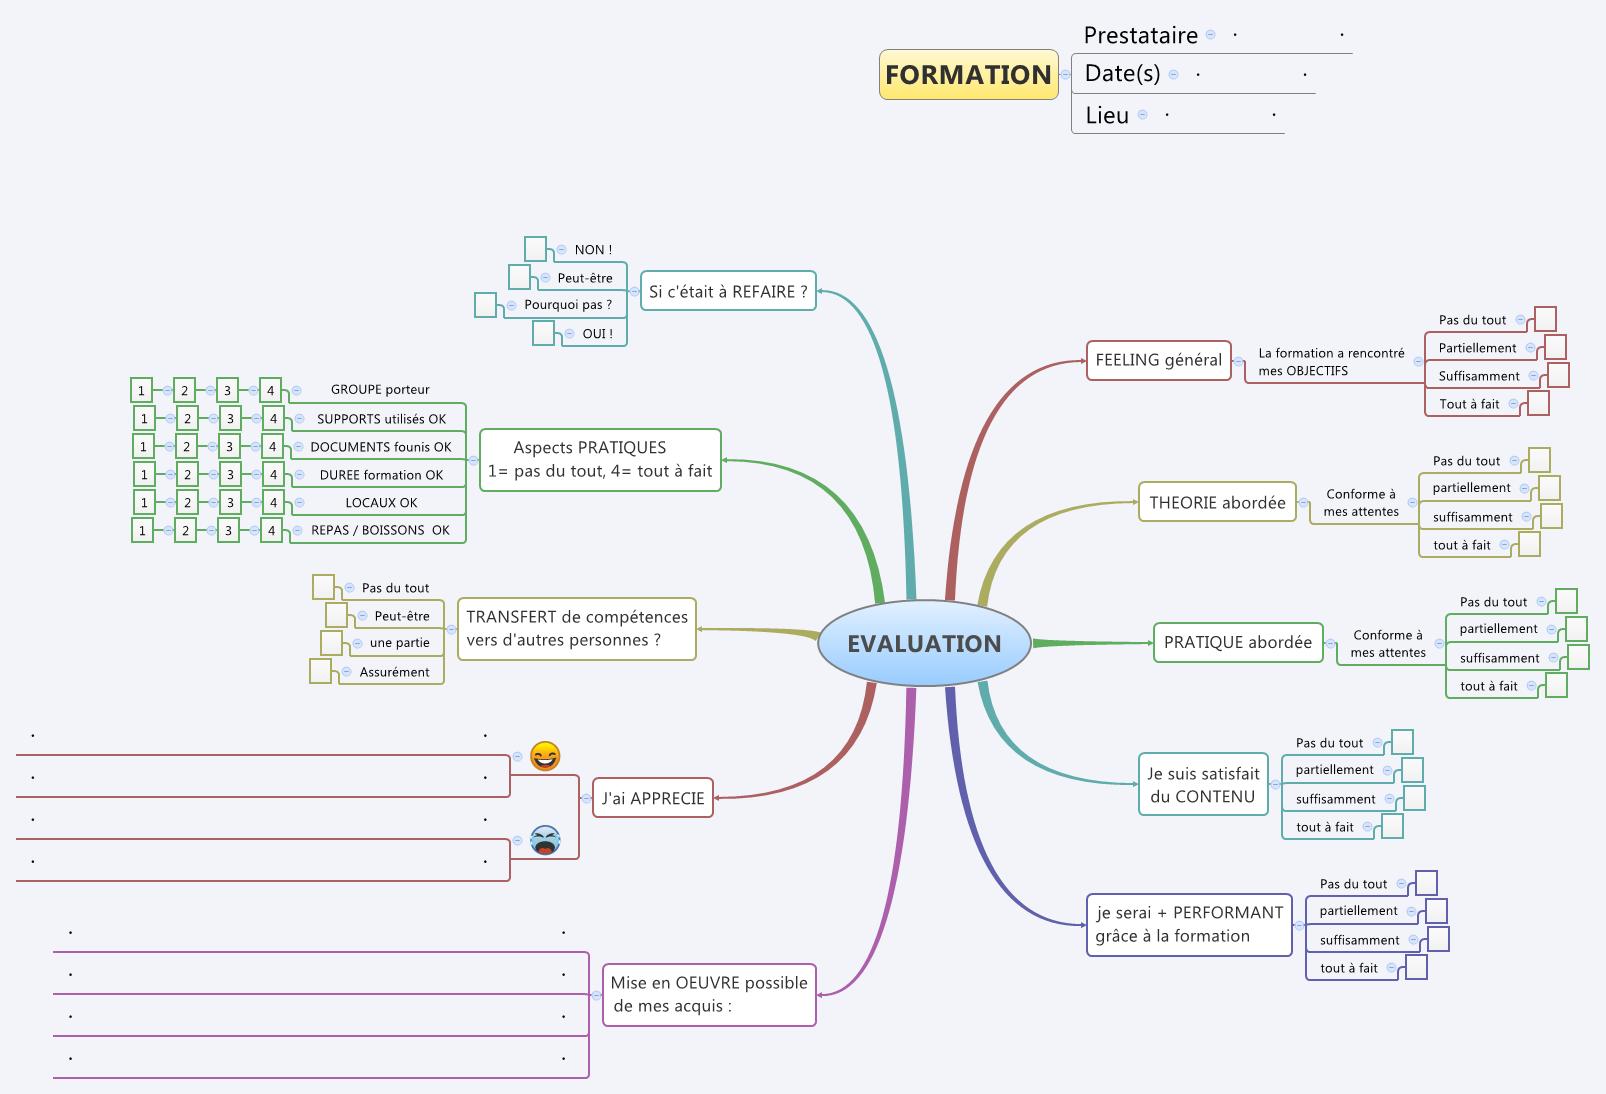 Une mindmap pour l valuation de vos formations formation 3 0 - Grille d evaluation formation ...